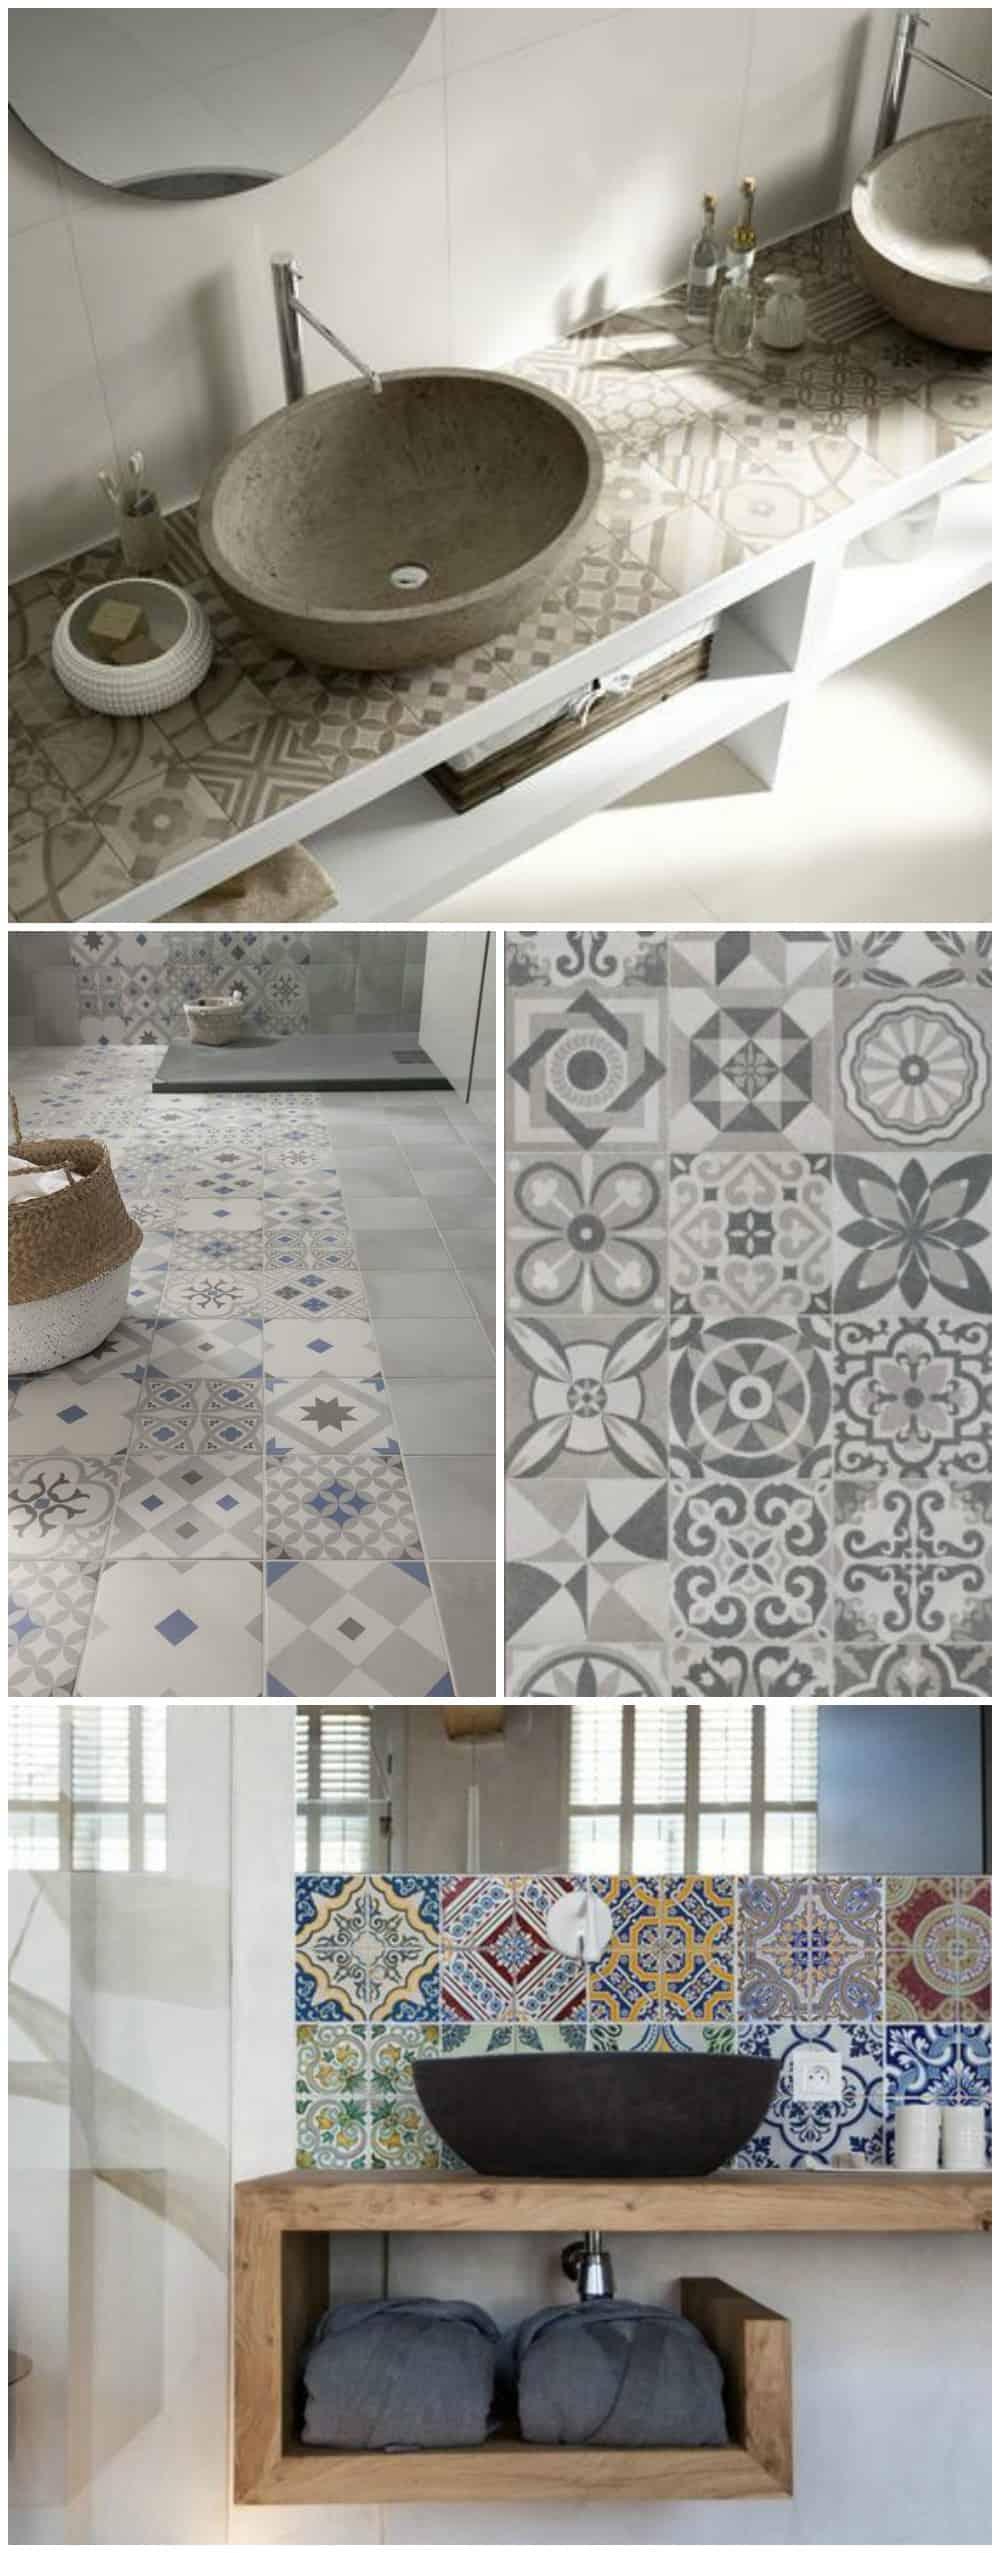 Ristrutturare il bagno con stile arredobagno online for Arredo design